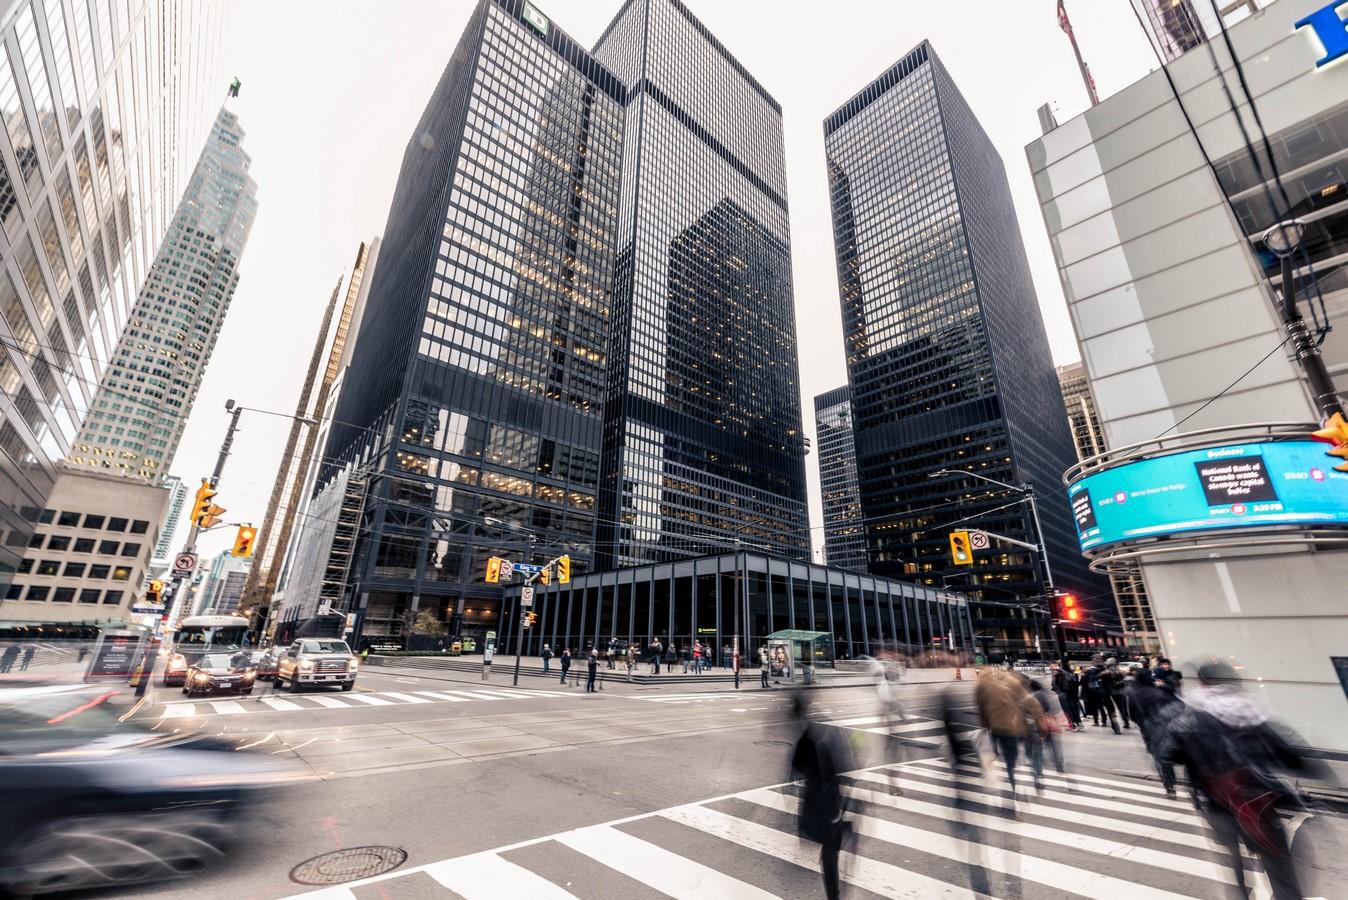 Toronto Dominion Centre